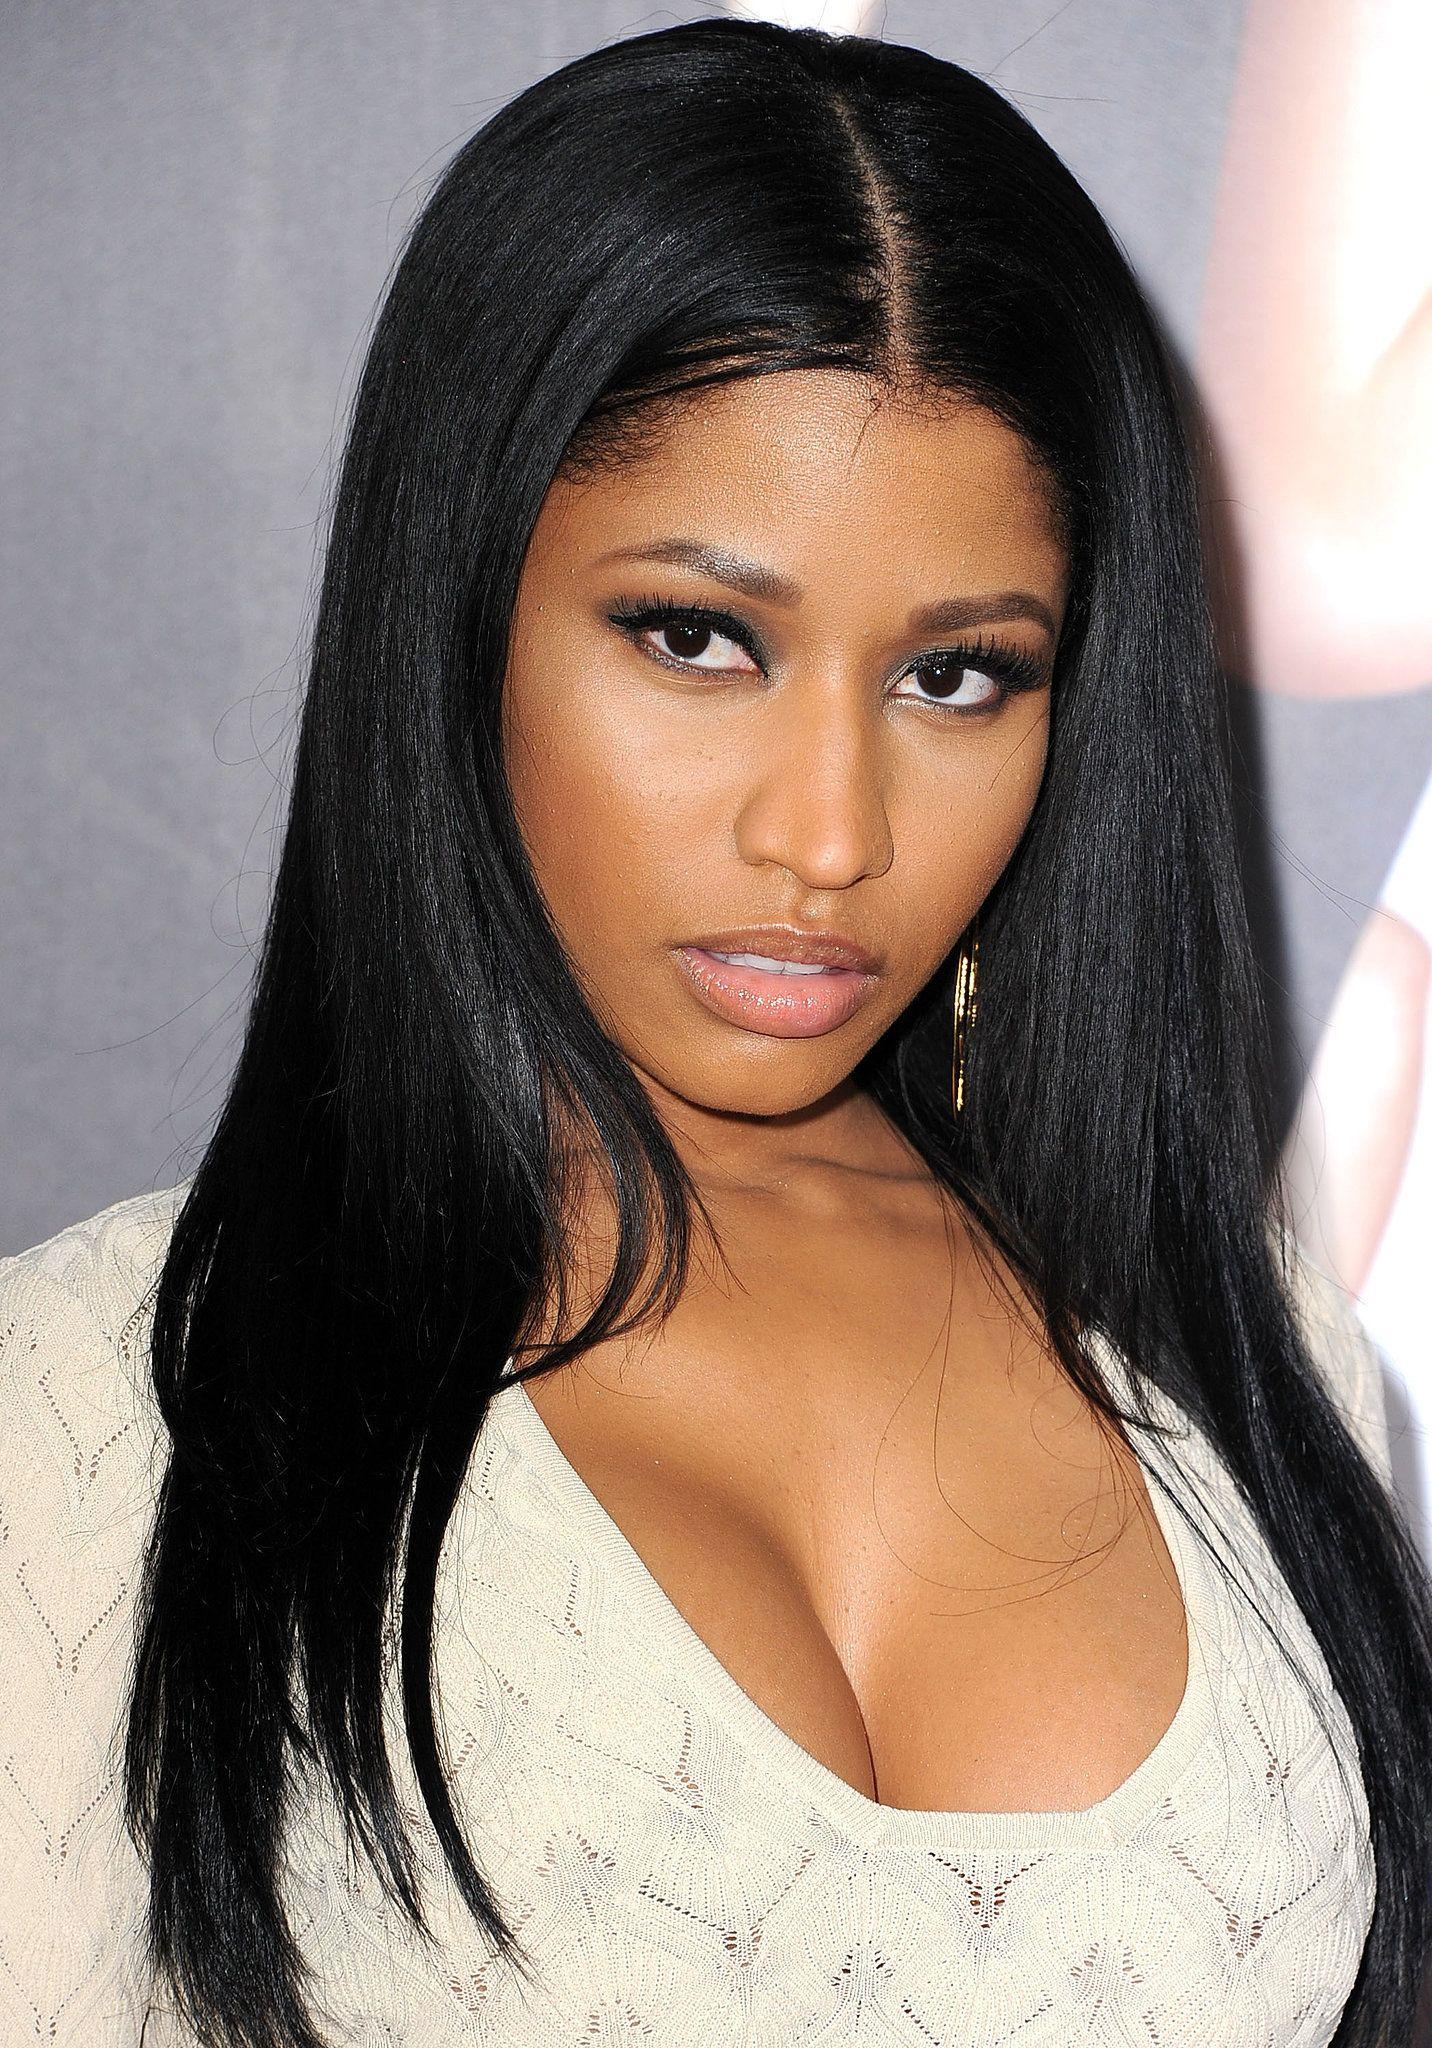 The Real Reason Nicki Minaj Is Rocking A New Natural Look